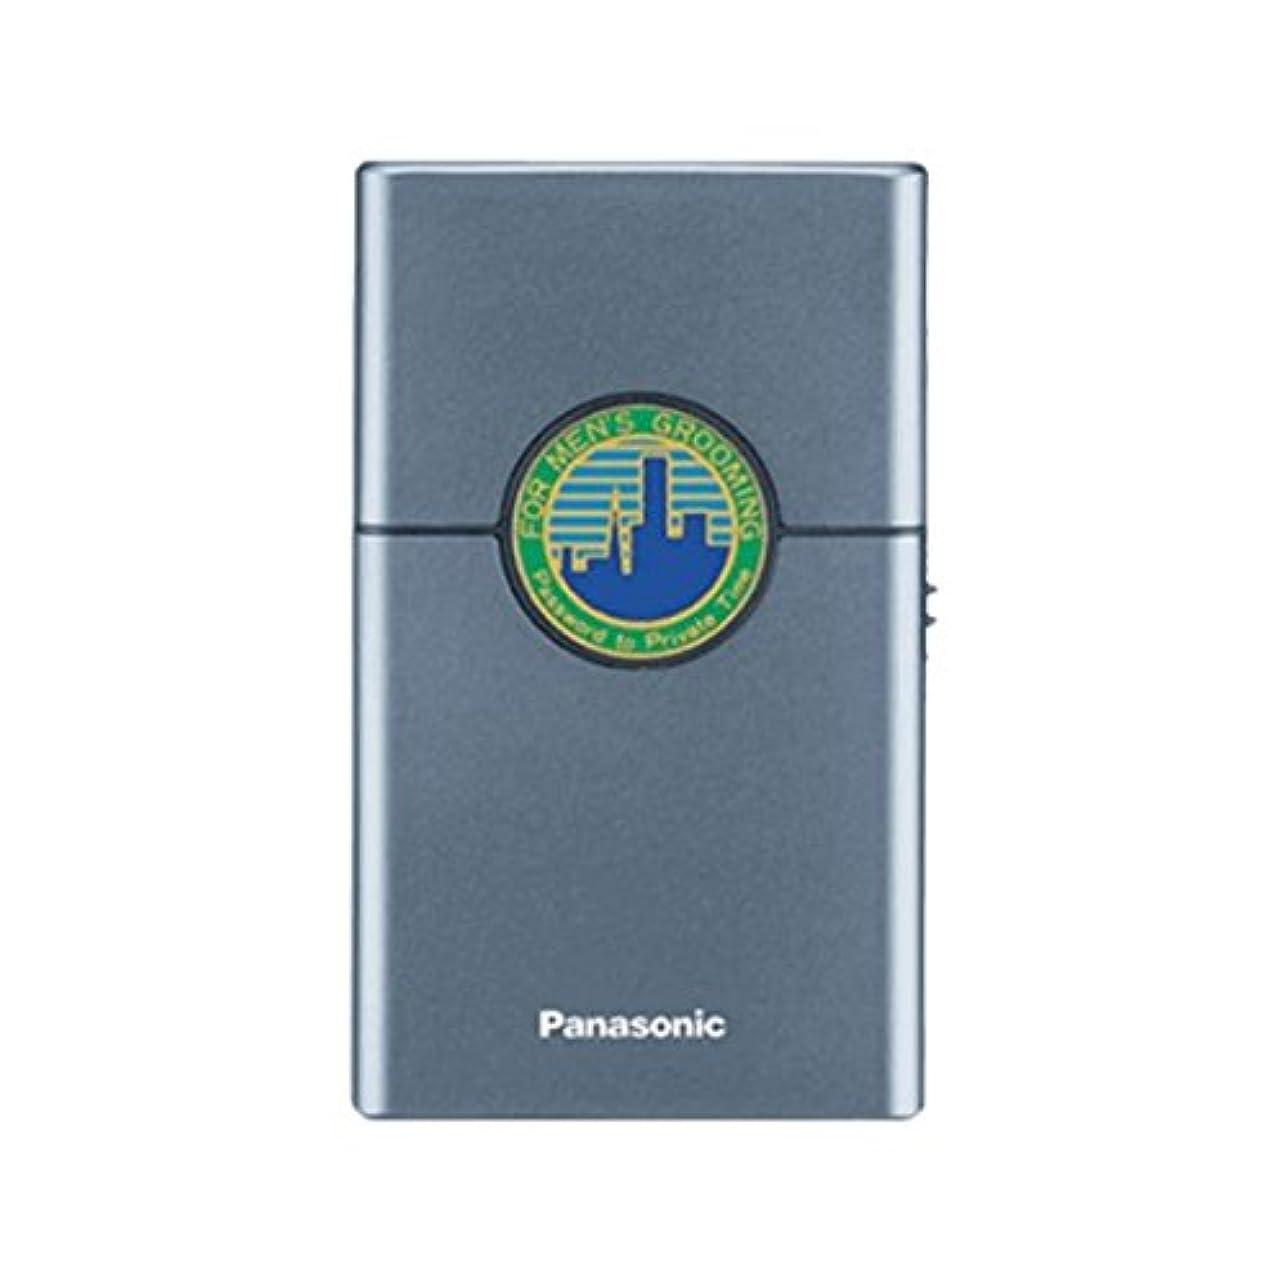 デンプシー視力相談パナソニック PANASONIC ES518-AP77 [カードシェーバー AITE(アイト) ツーリストモデル]